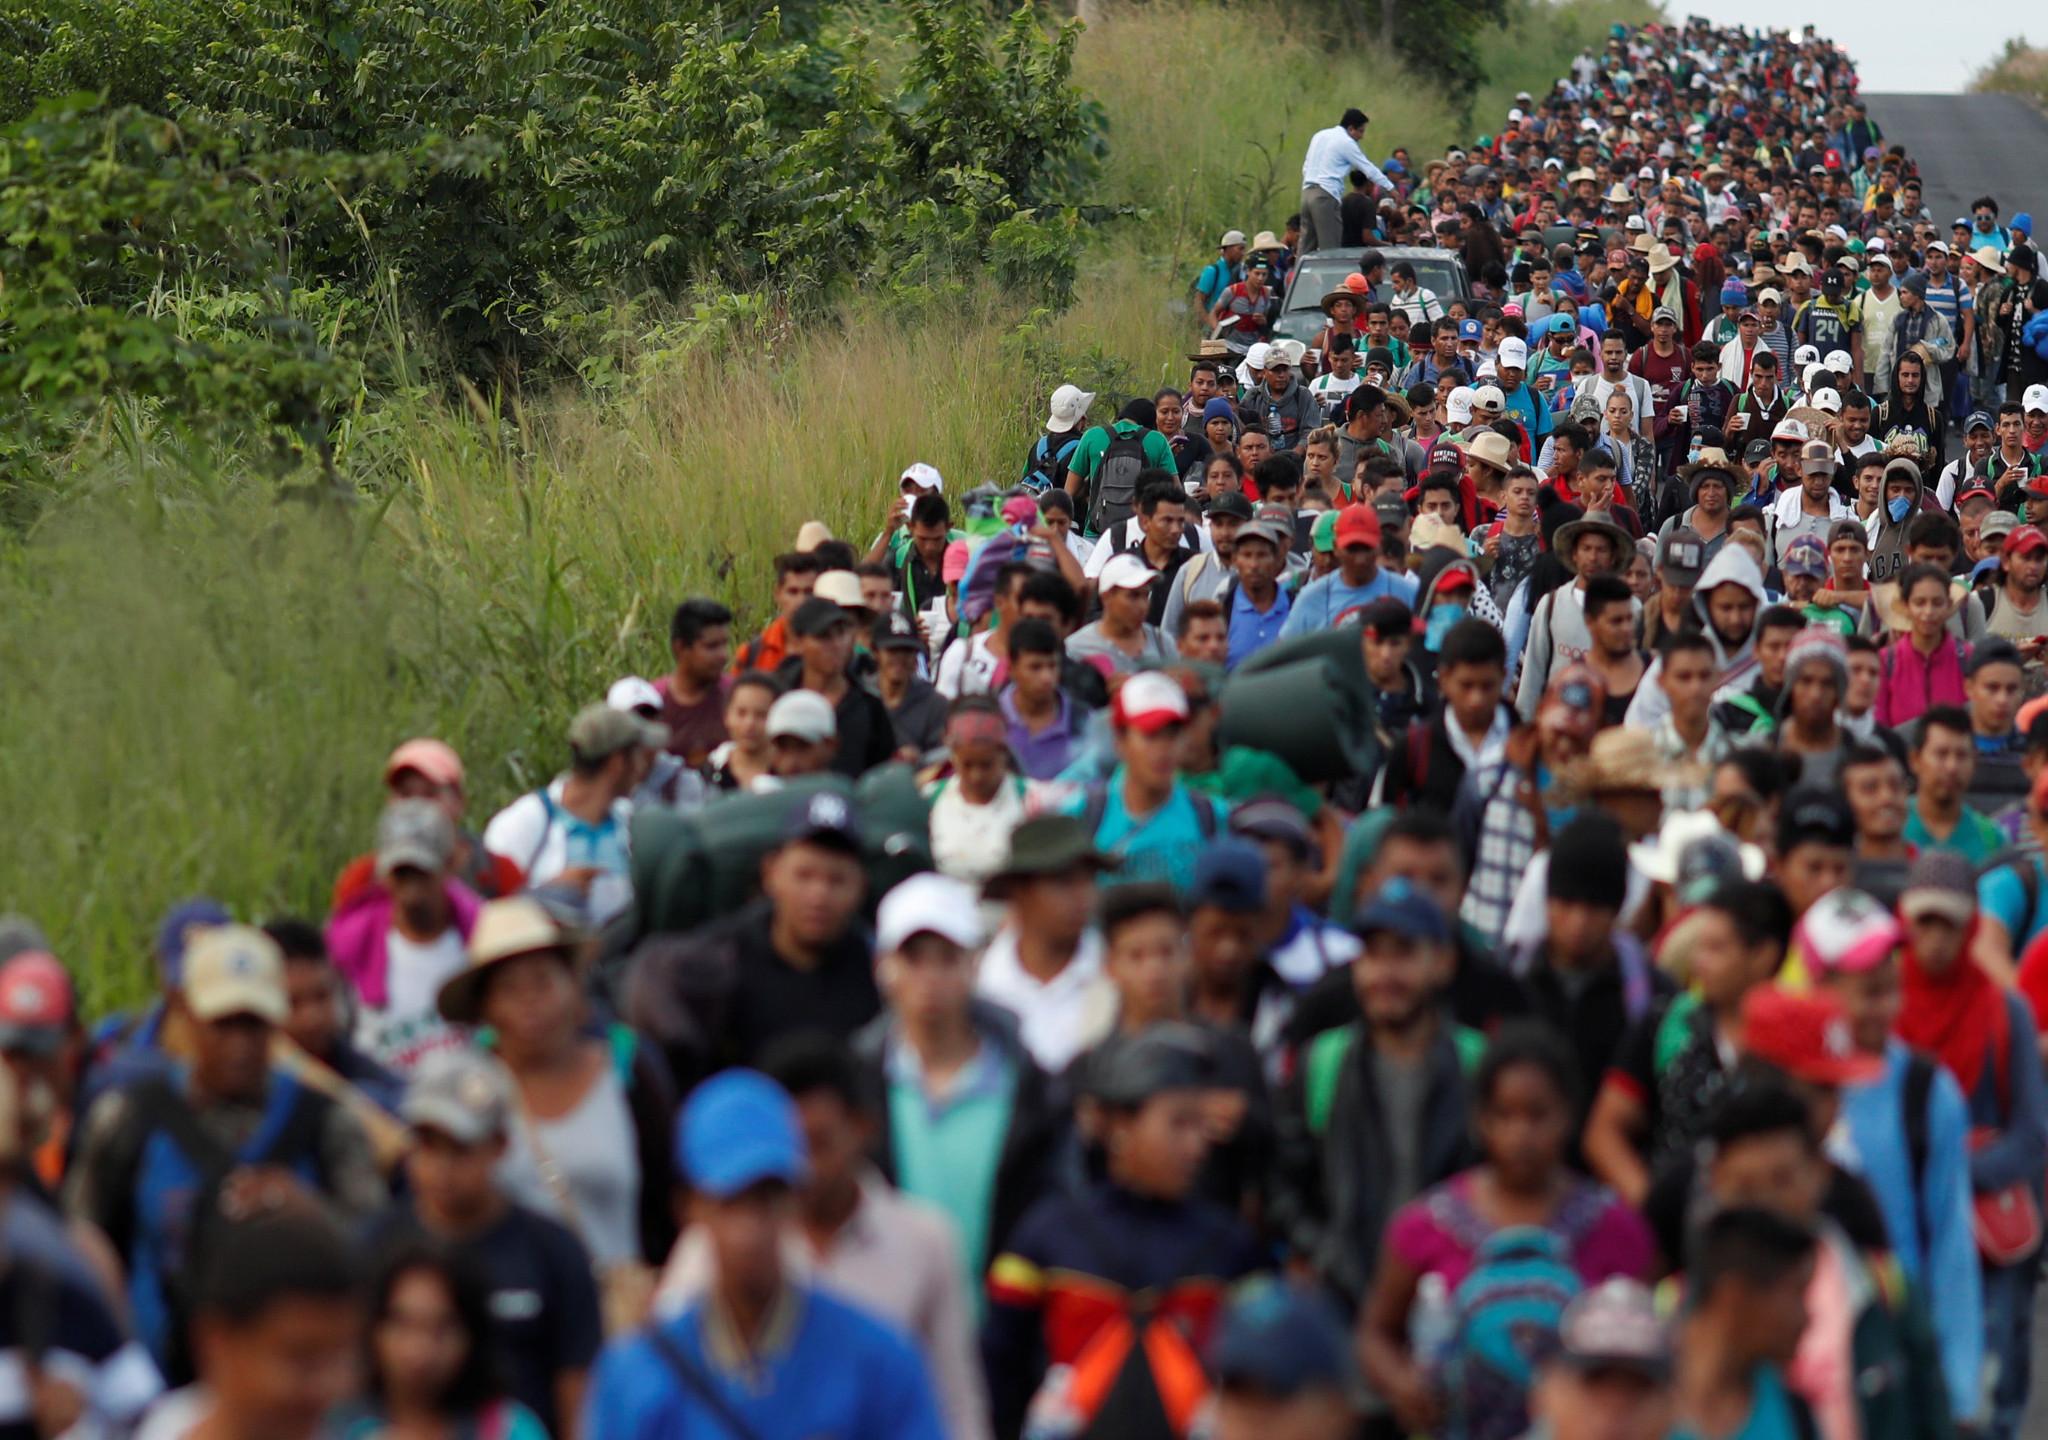 Los inmigrantes llegan por miles atravesando México